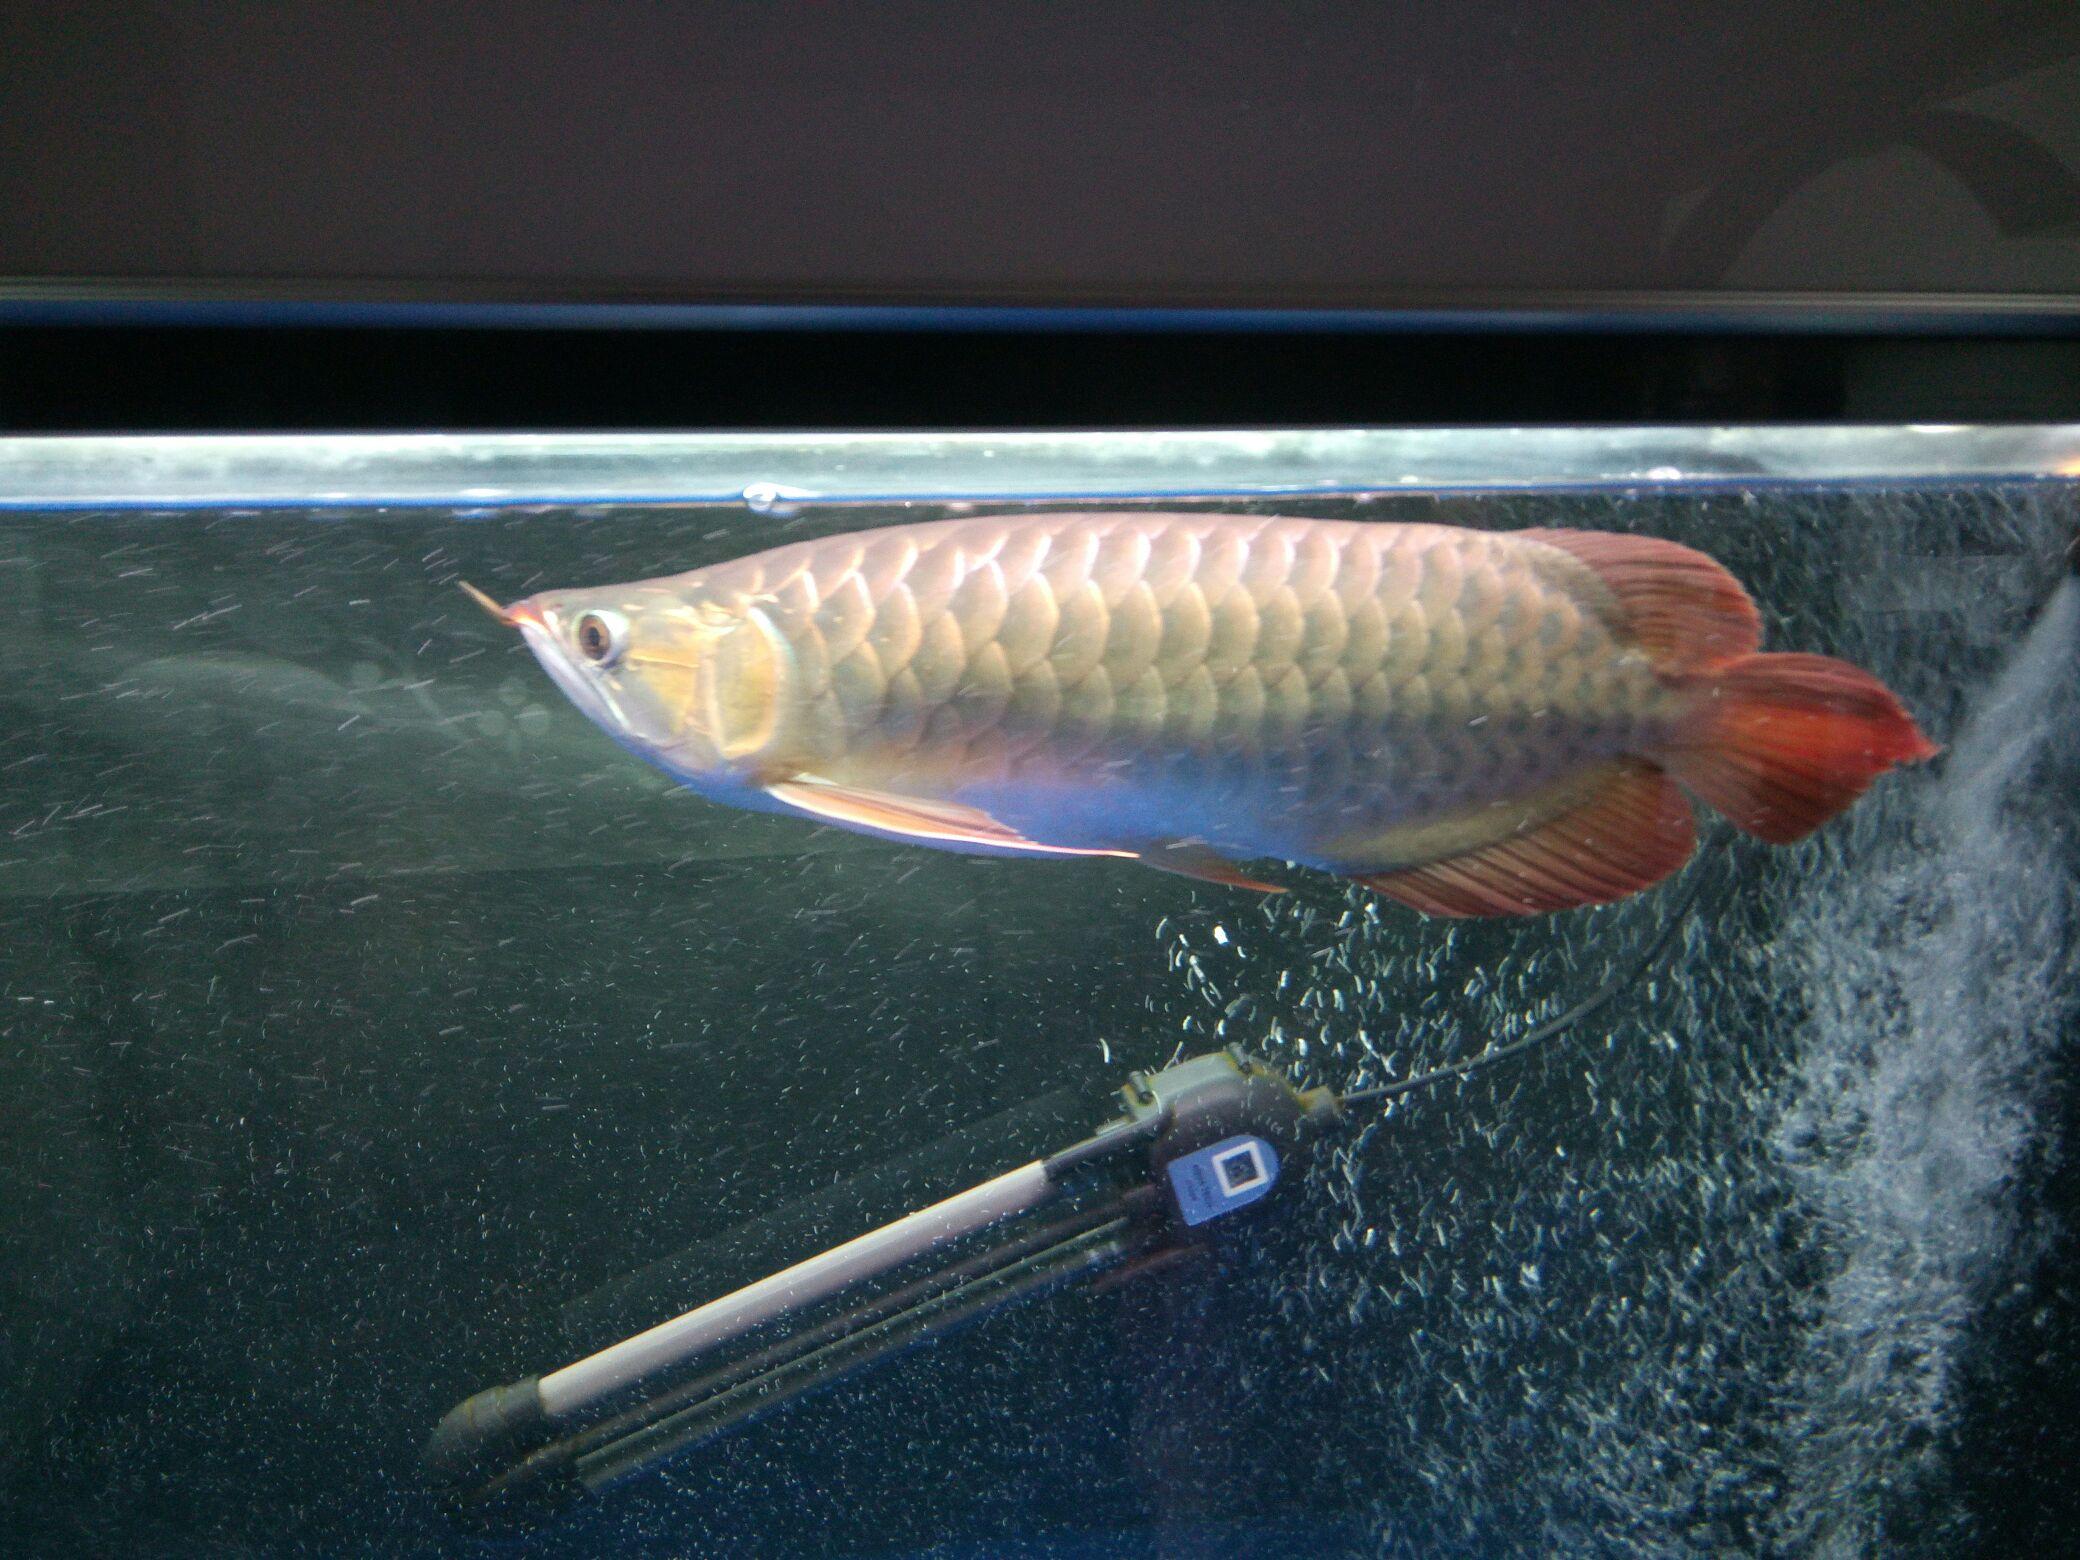 鱼【西安沉木批发】缸气泡 西安观赏鱼信息 西安博特第1张